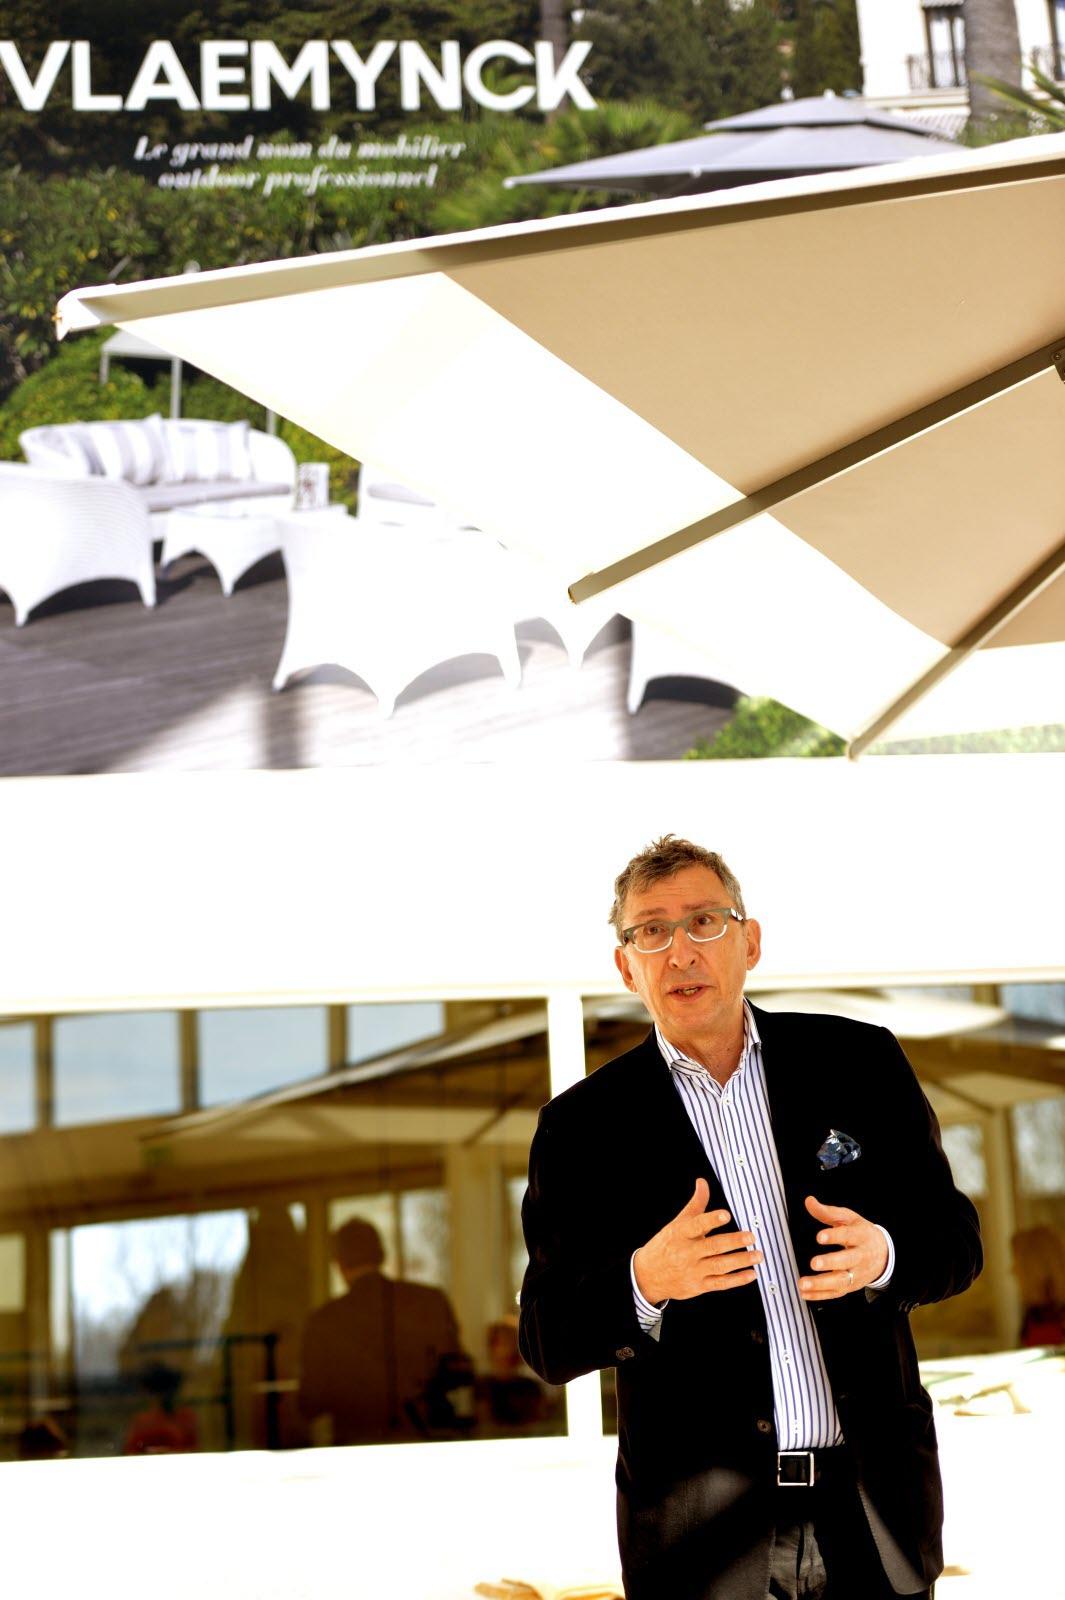 Edition Macon | Mâcon-Loché : Visite Chez Vlaemynck ... intérieur Mobilier De Jardin Vlaemynck